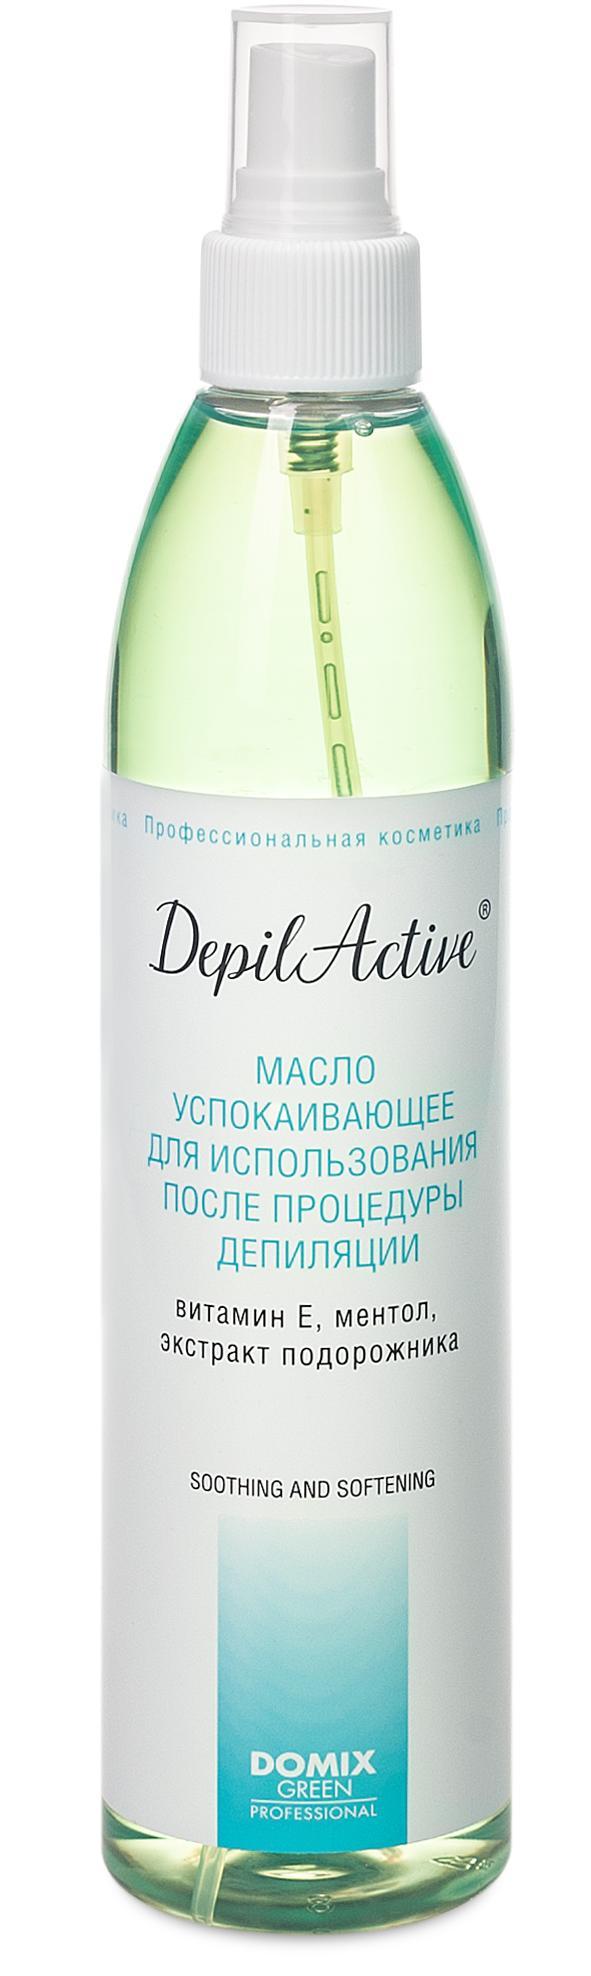 DOMIX Масло успокаивающее для использования после процедуры депиляции / Depil Active 320 мл